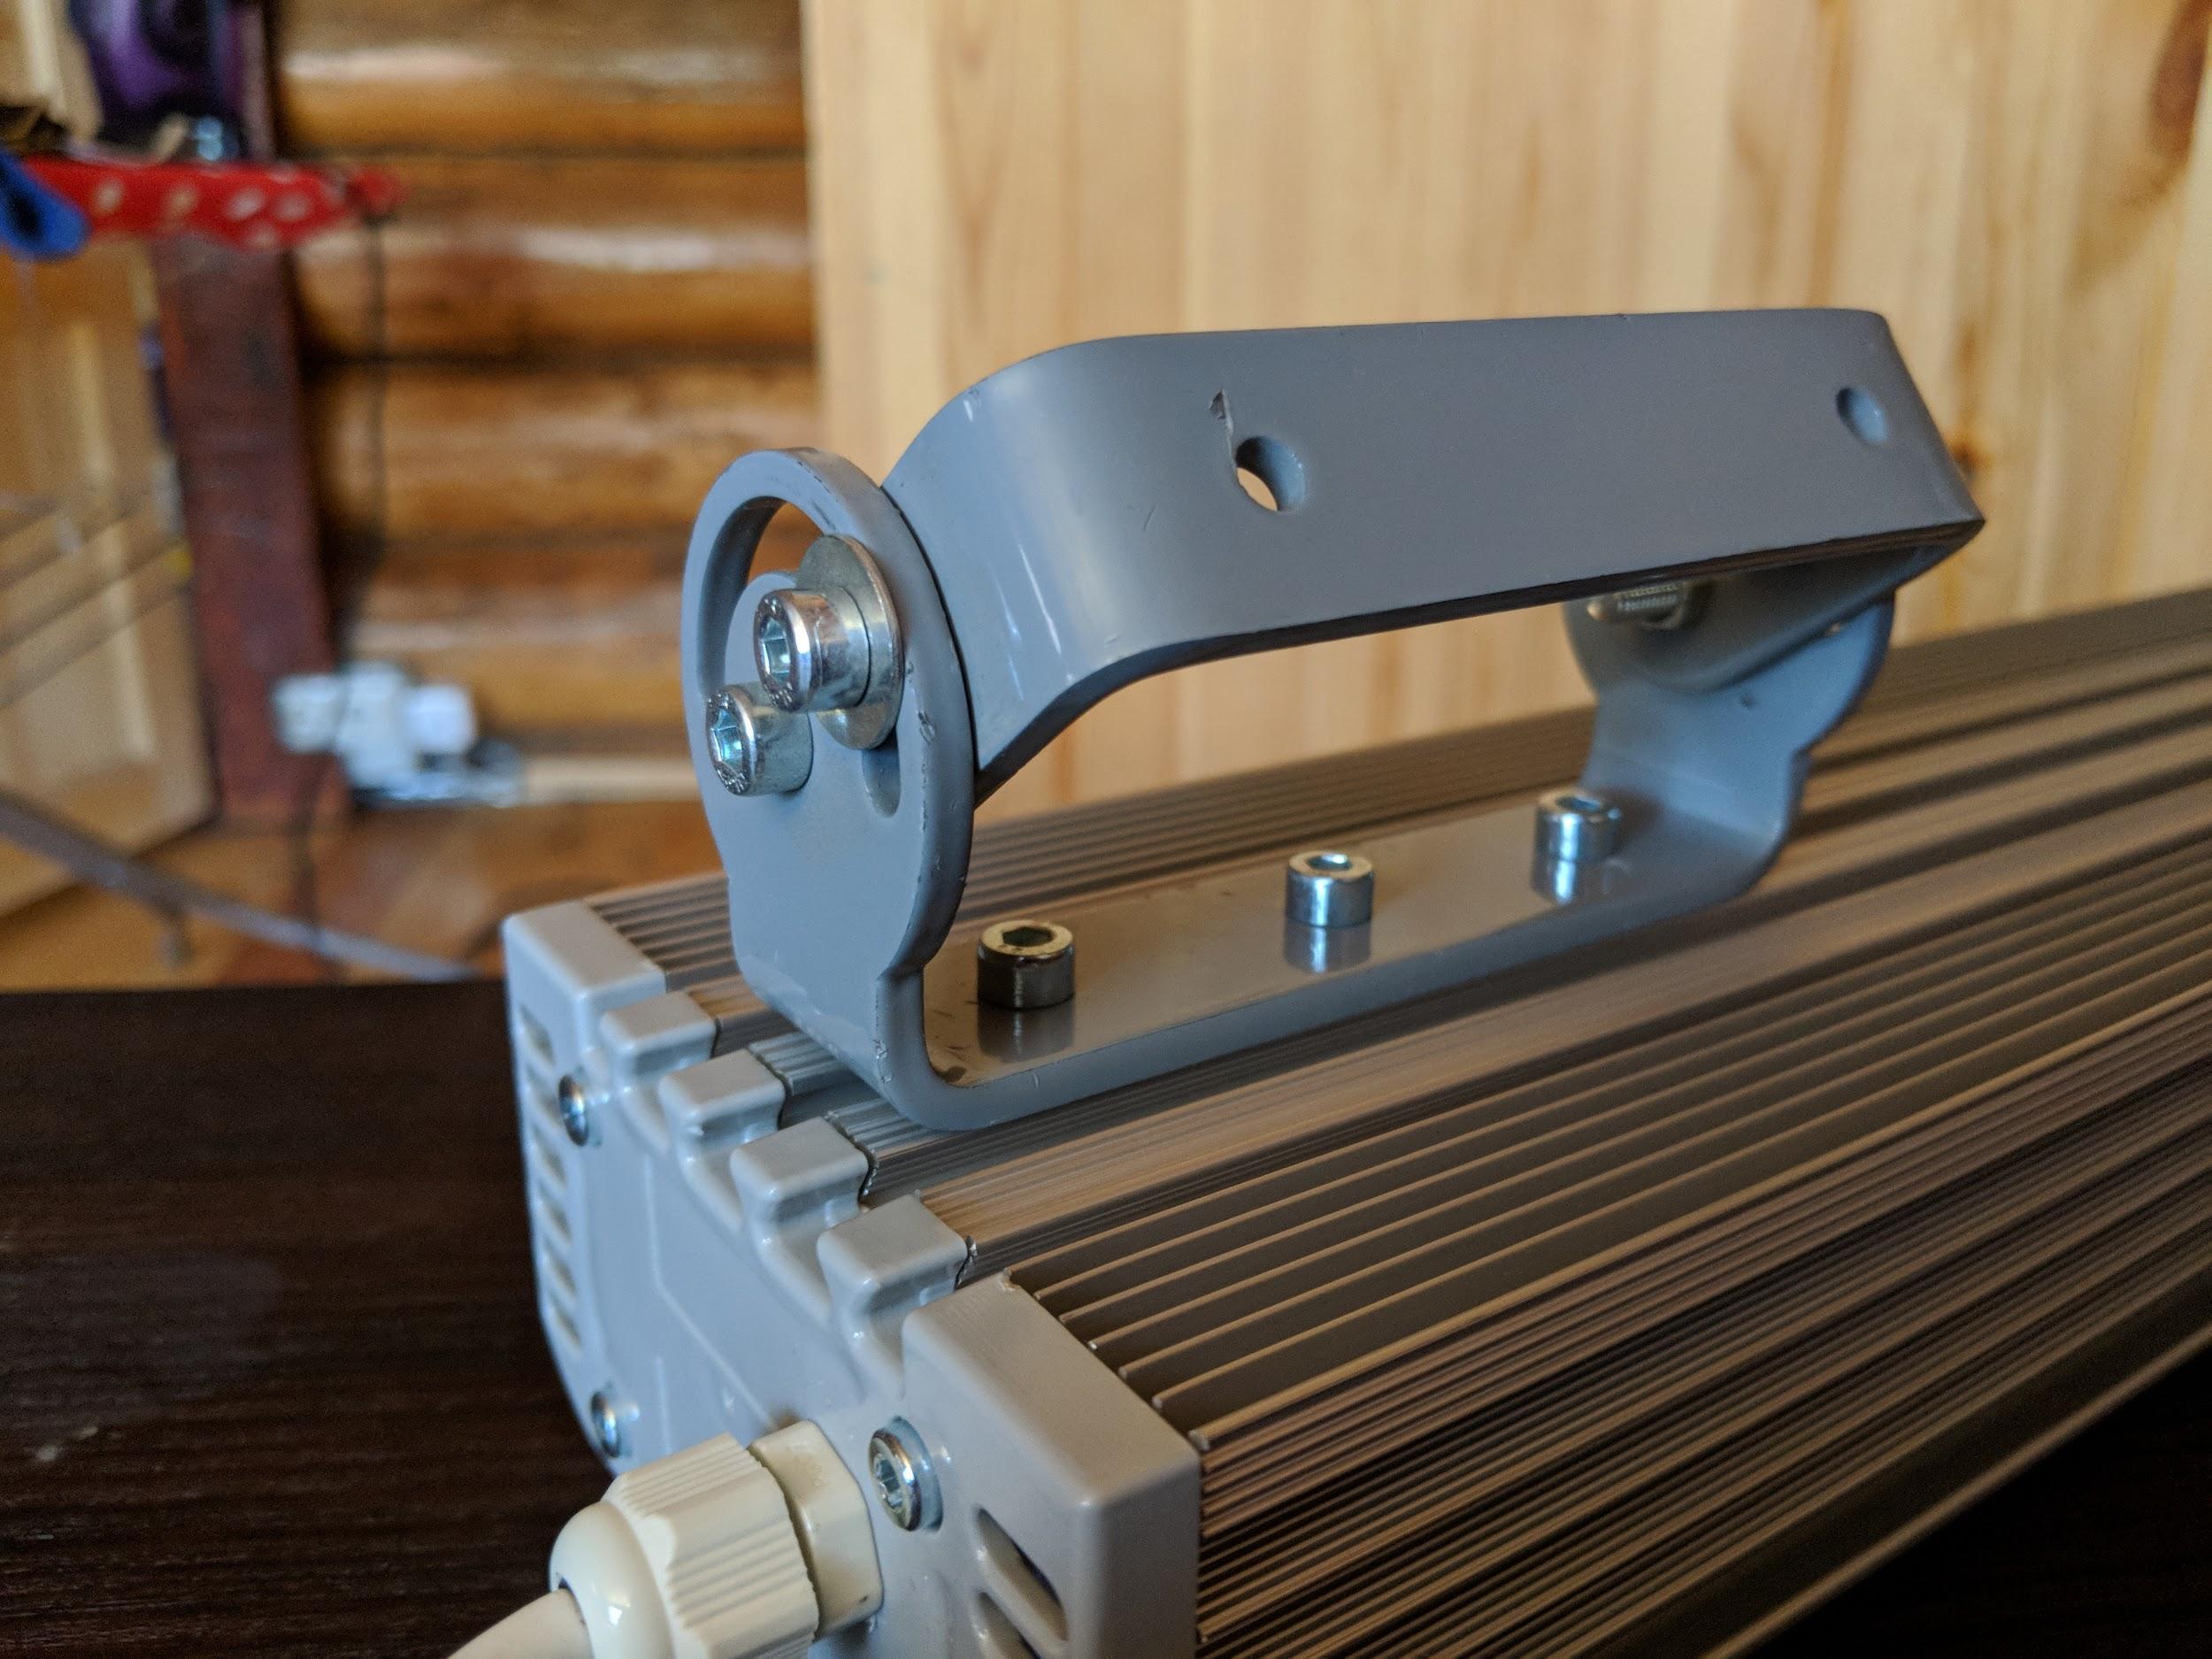 Промышленные светильники от отечественного производителя Эффест с хорошим индексом цветопередачи - 15